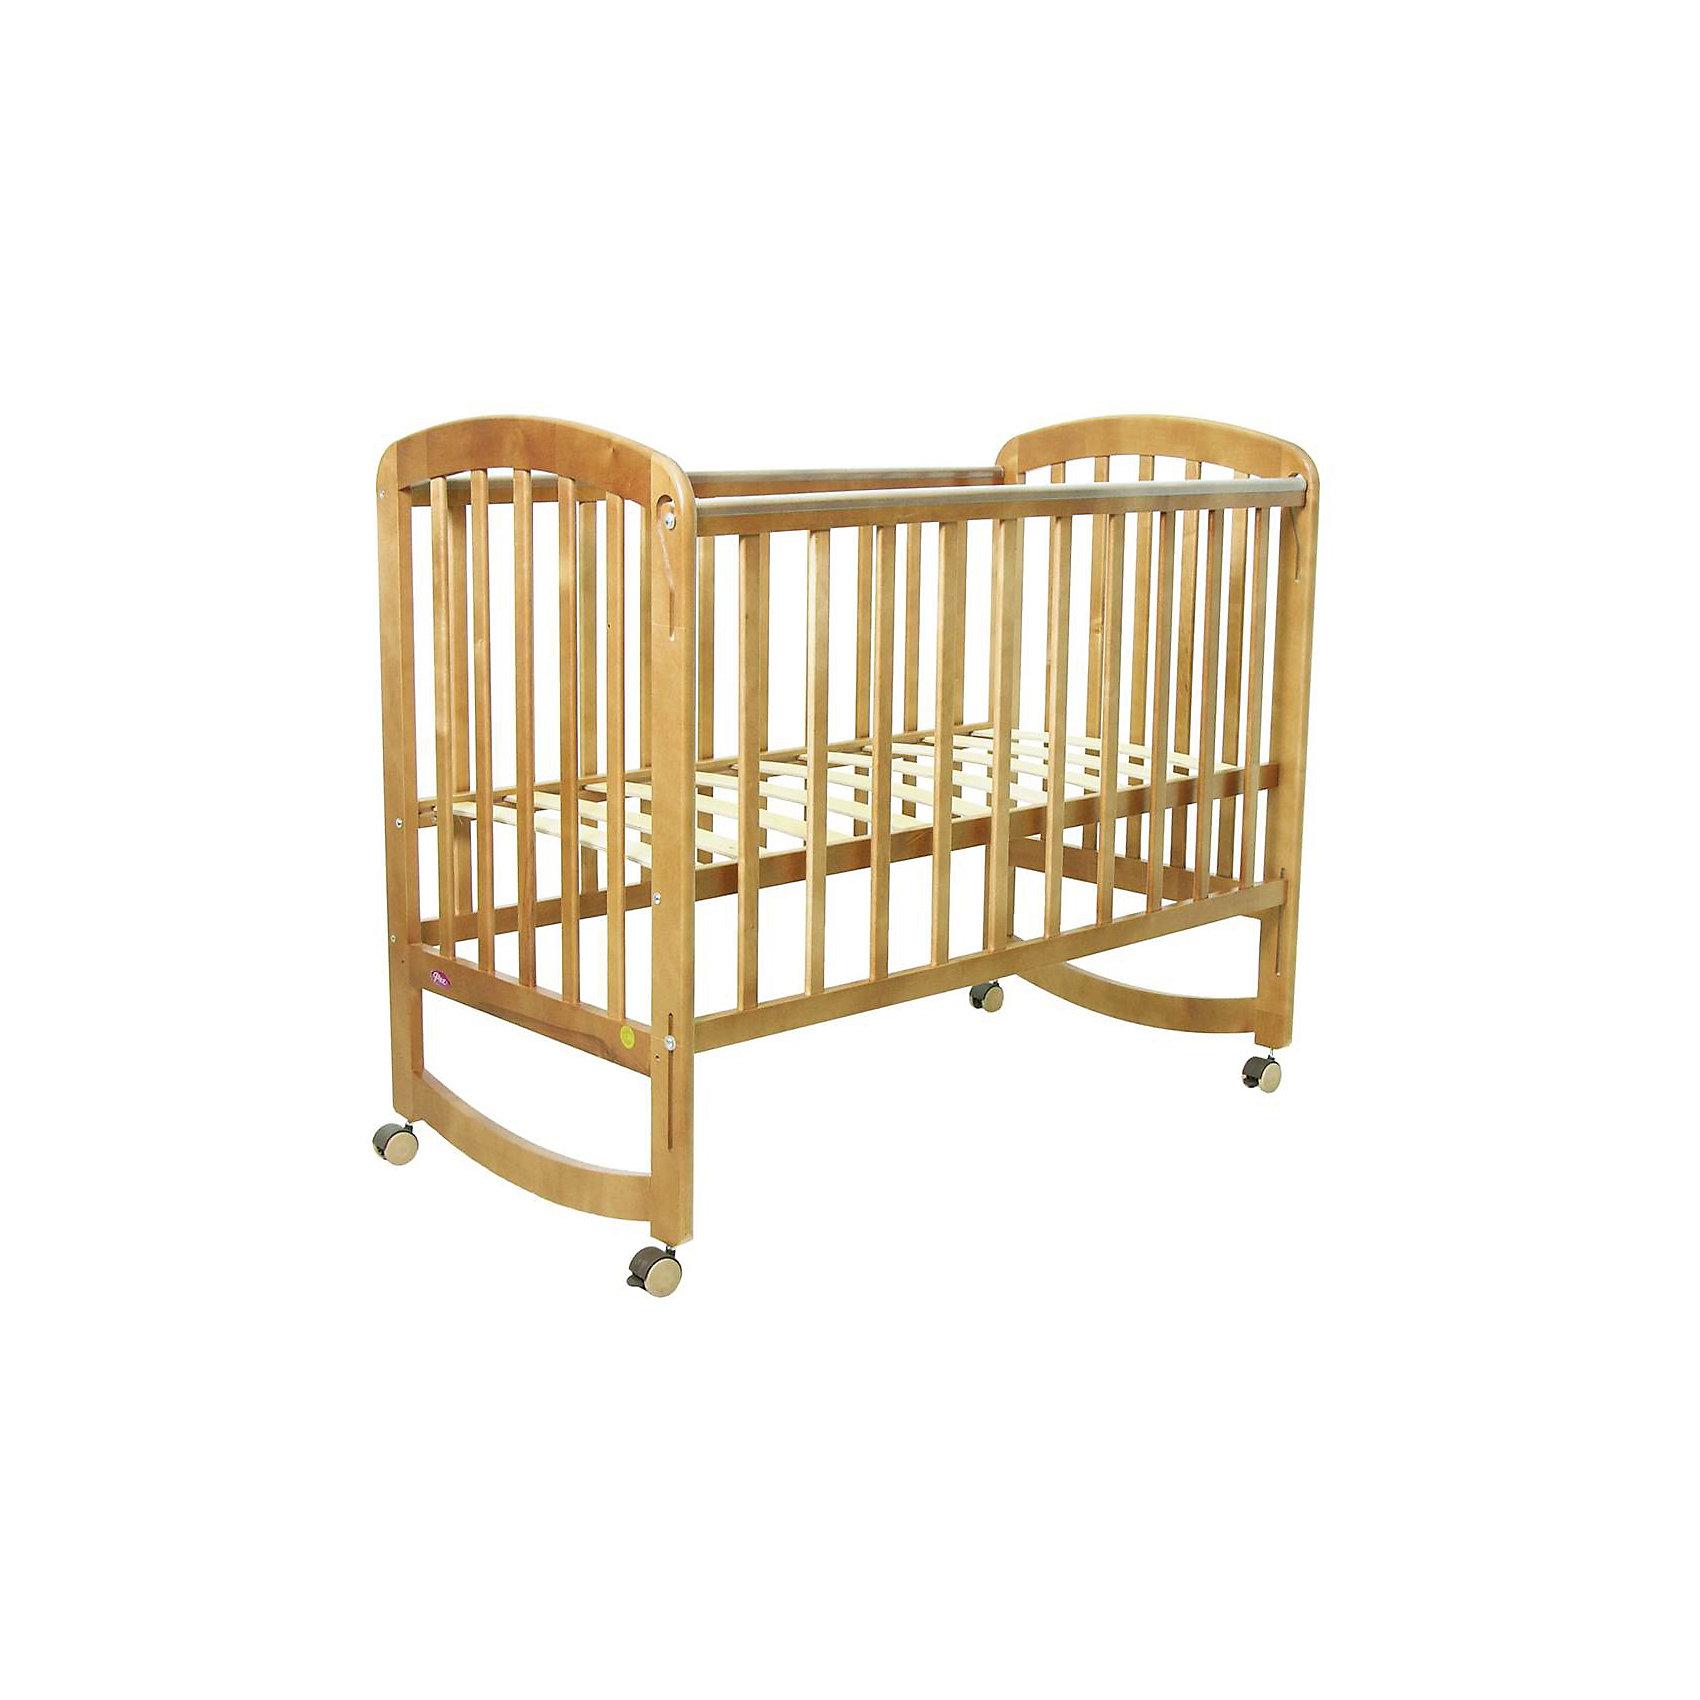 Кроватка 304, ФеяКроватка Фея подарит малышам комфортный отдых и сладкий сон с первых дней жизни. Кроватка изготовлена из высококачественных экологичных, безопасных для детей материалов, она вместительная и прочная, поэтому прослужит вам и вашему малышу очень долго. Реечное дно модели регулируется в двух положениях - когда ваш кроха подрастет, опустите ложе и не беспокойтесь о том, что юный непоседа сможет самостоятельно выбраться из своего гнездышка.  Благодаря специальному механизму, боковая стенка кровати быстро и легко опускается даже одной рукой. Кровать имеет колесики, с помощью которых ее удобно перемещать по комнате, при желании колеса можно снять, преобразовав кровать в качалку. <br><br>Дополнительная информация:<br><br>- Материал: дерево (массив березы).<br>- Размеры: 124,5х67,5х105 см.<br>- Для матраса размером: 120x60 см.<br>- Ложе регулируется в 2-х положениях.<br>- Передняя стенка опускается. <br>- Дно: реечное.<br>- Стенки: реечные. <br>- Съемные колеса.<br>- Качалка. <br>- Накладки из ПВХ. <br><br>Кроватку 304, Фея, можно купить в нашем магазине.<br><br>Ширина мм: 1005<br>Глубина мм: 1248<br>Высота мм: 675<br>Вес г: 17700<br>Возраст от месяцев: 0<br>Возраст до месяцев: 36<br>Пол: Унисекс<br>Возраст: Детский<br>SKU: 4796972